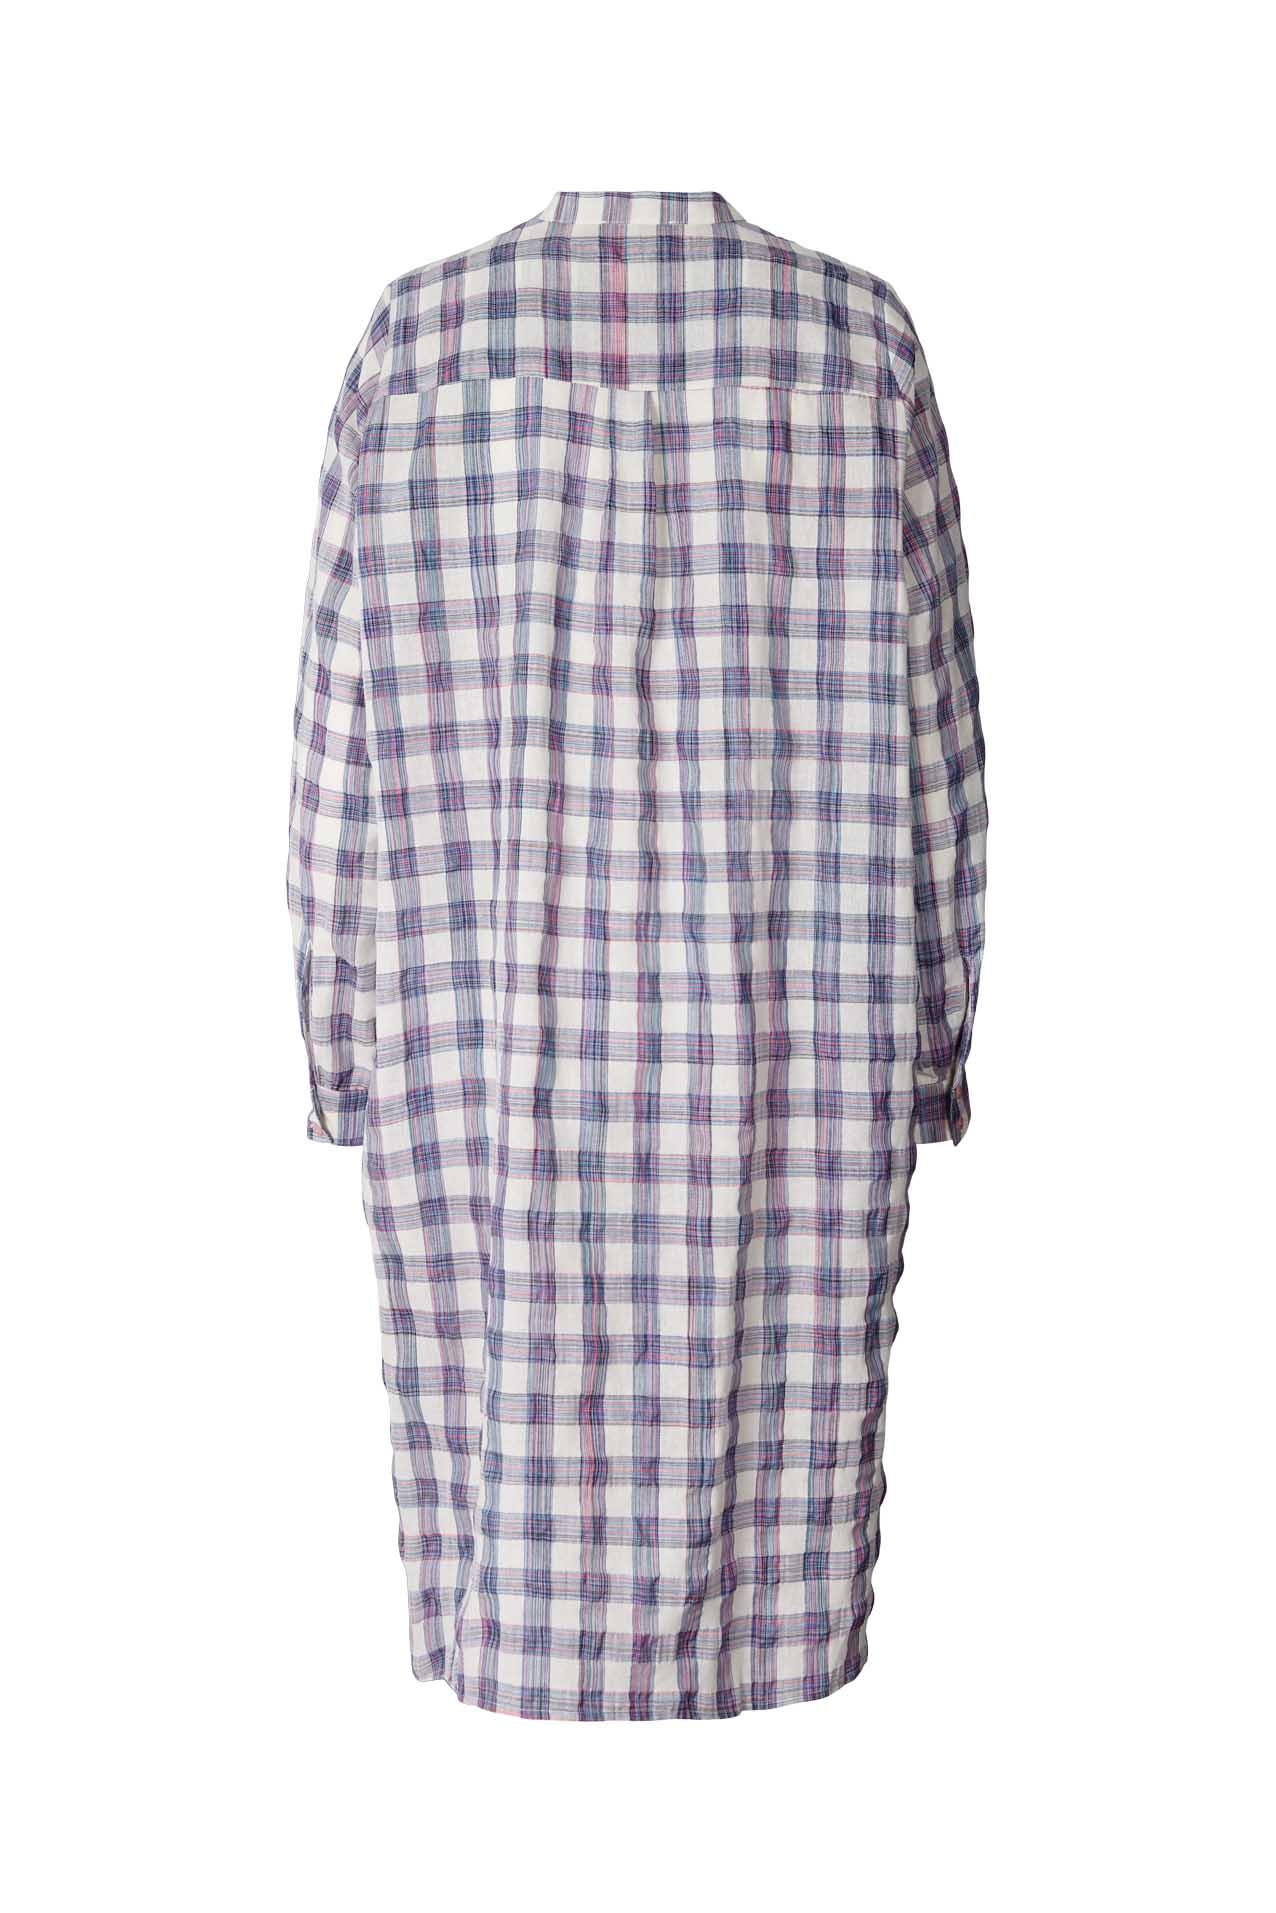 Lollys Laundry Vega skjorte, check print, large